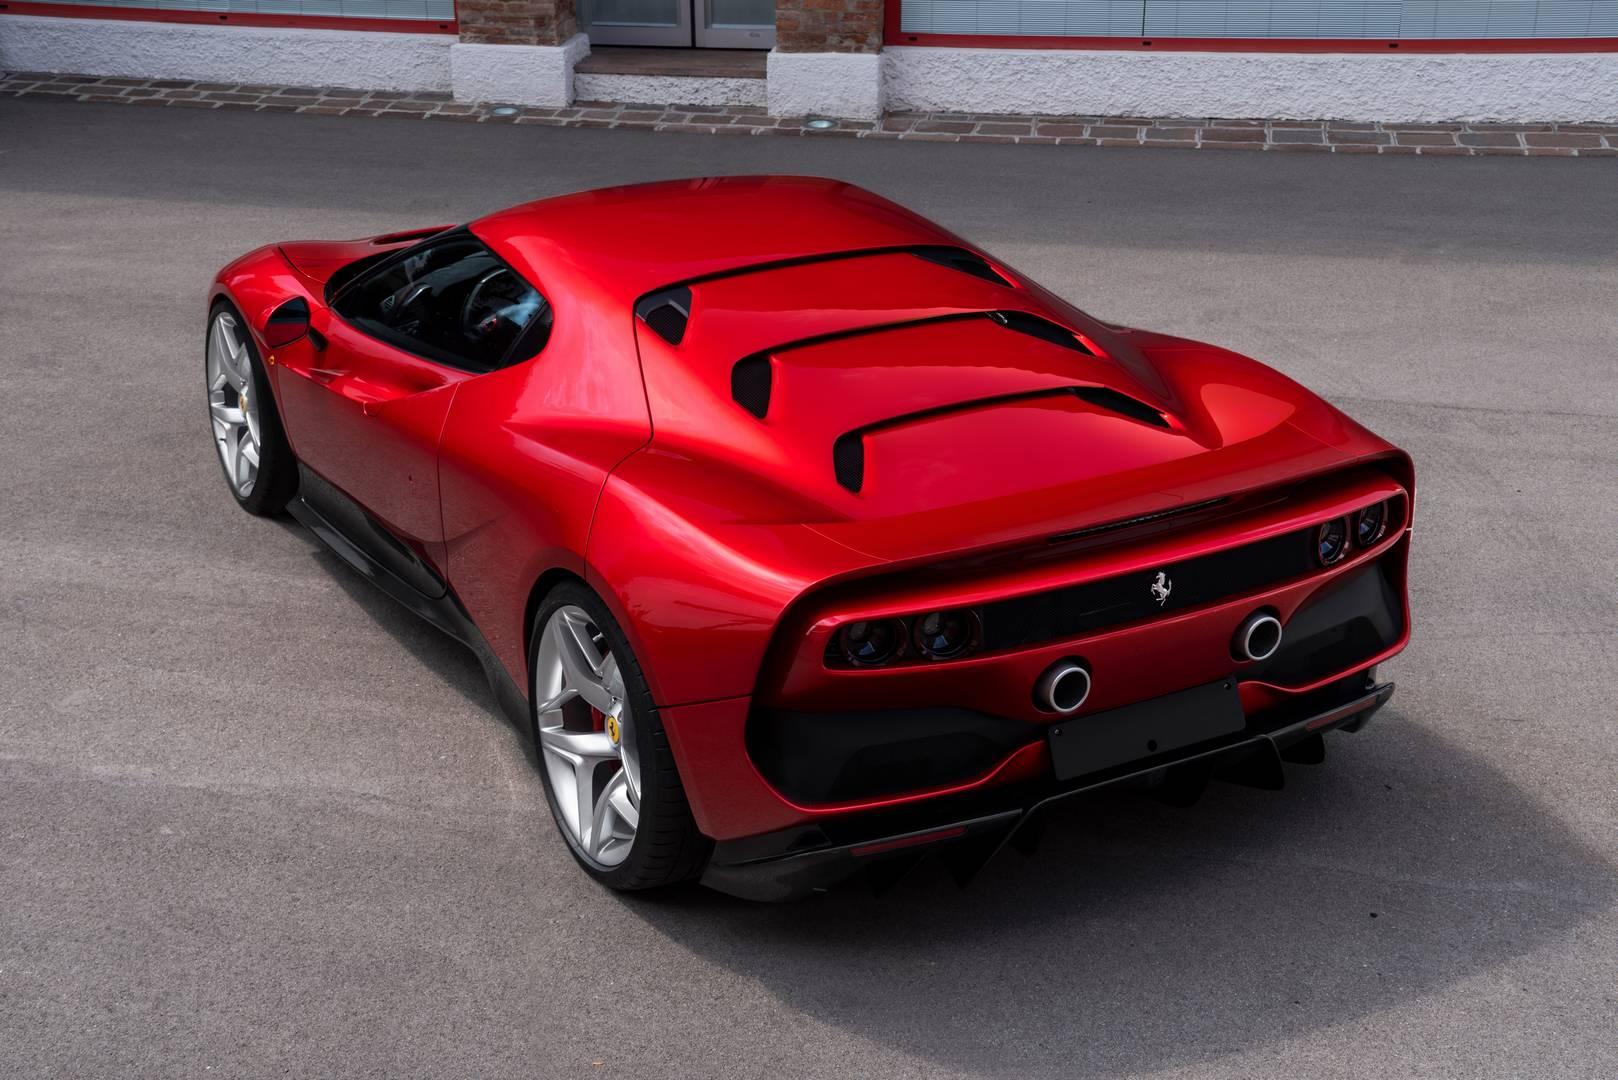 SP4 на основе платформы 488 GTB был создан в Fiorano для особенного клиента. Разработанный в Ferrari Style Centre, SP38, как говорят, был вдохновлен культовым Ferrari F40.